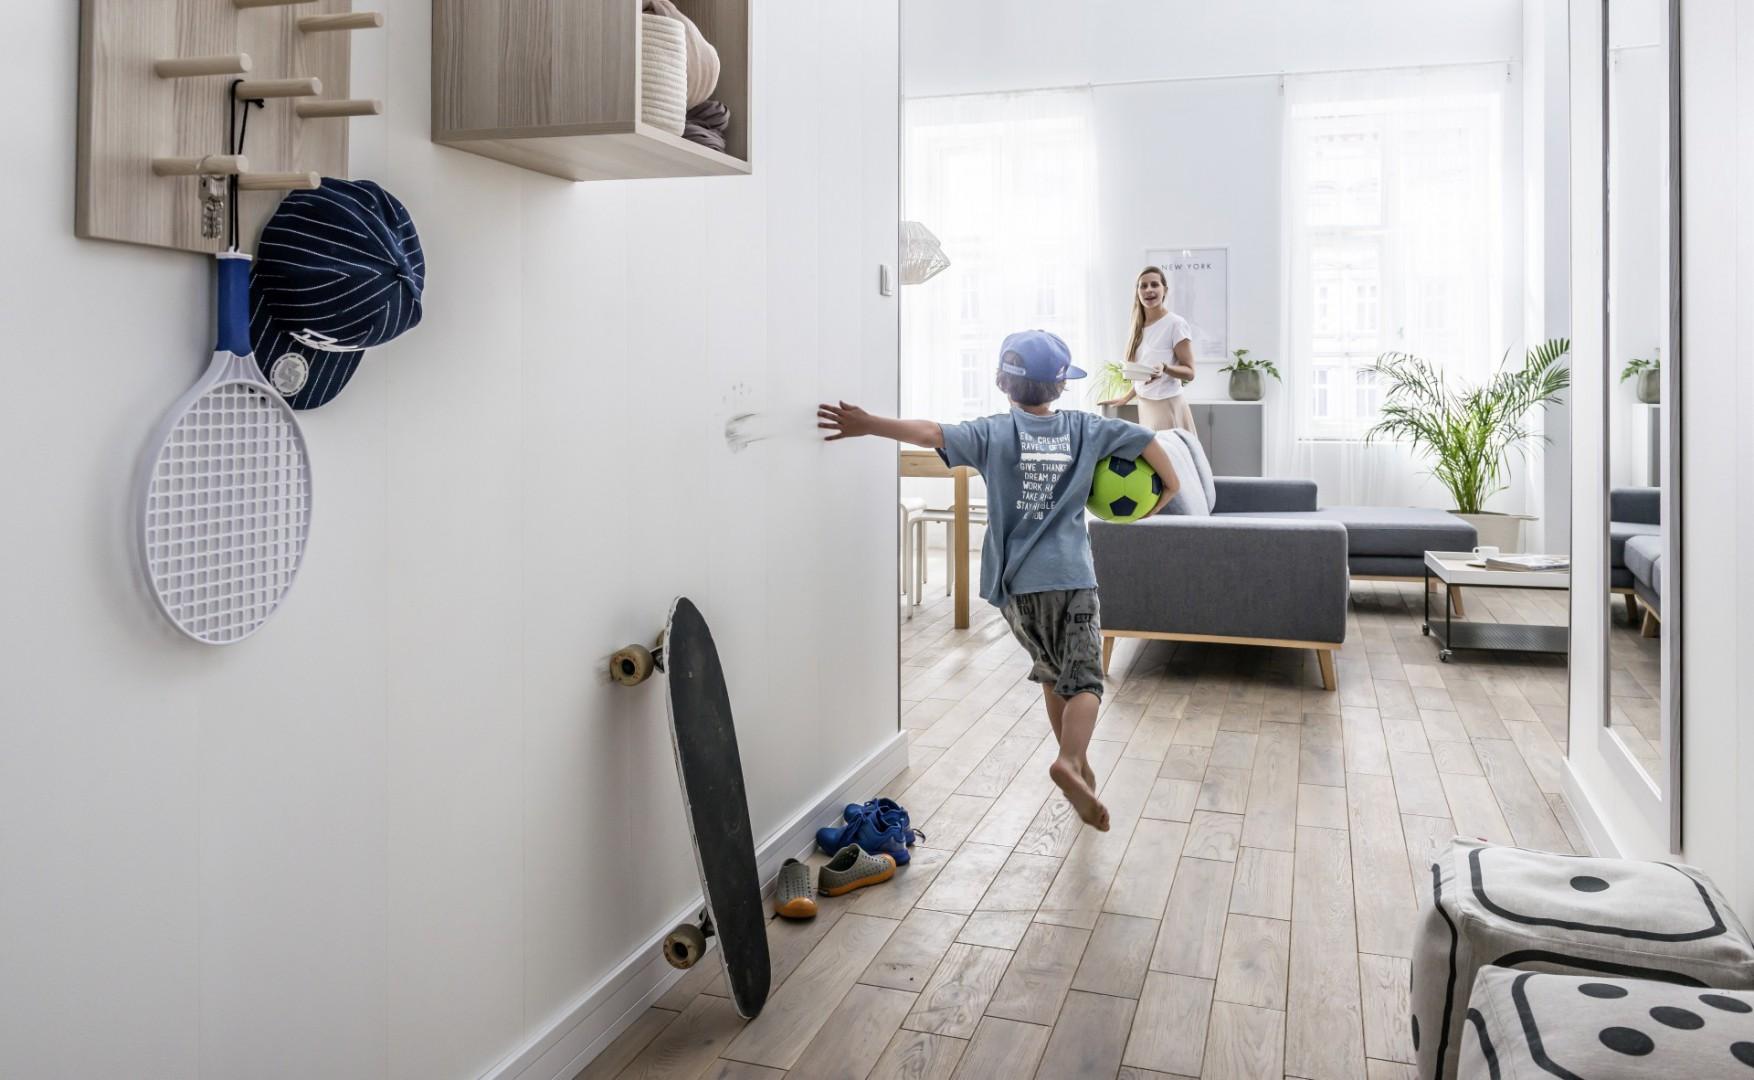 Ścienne półki i organizery pozwolą uporządkować każde wnętrze. Fot. Vox